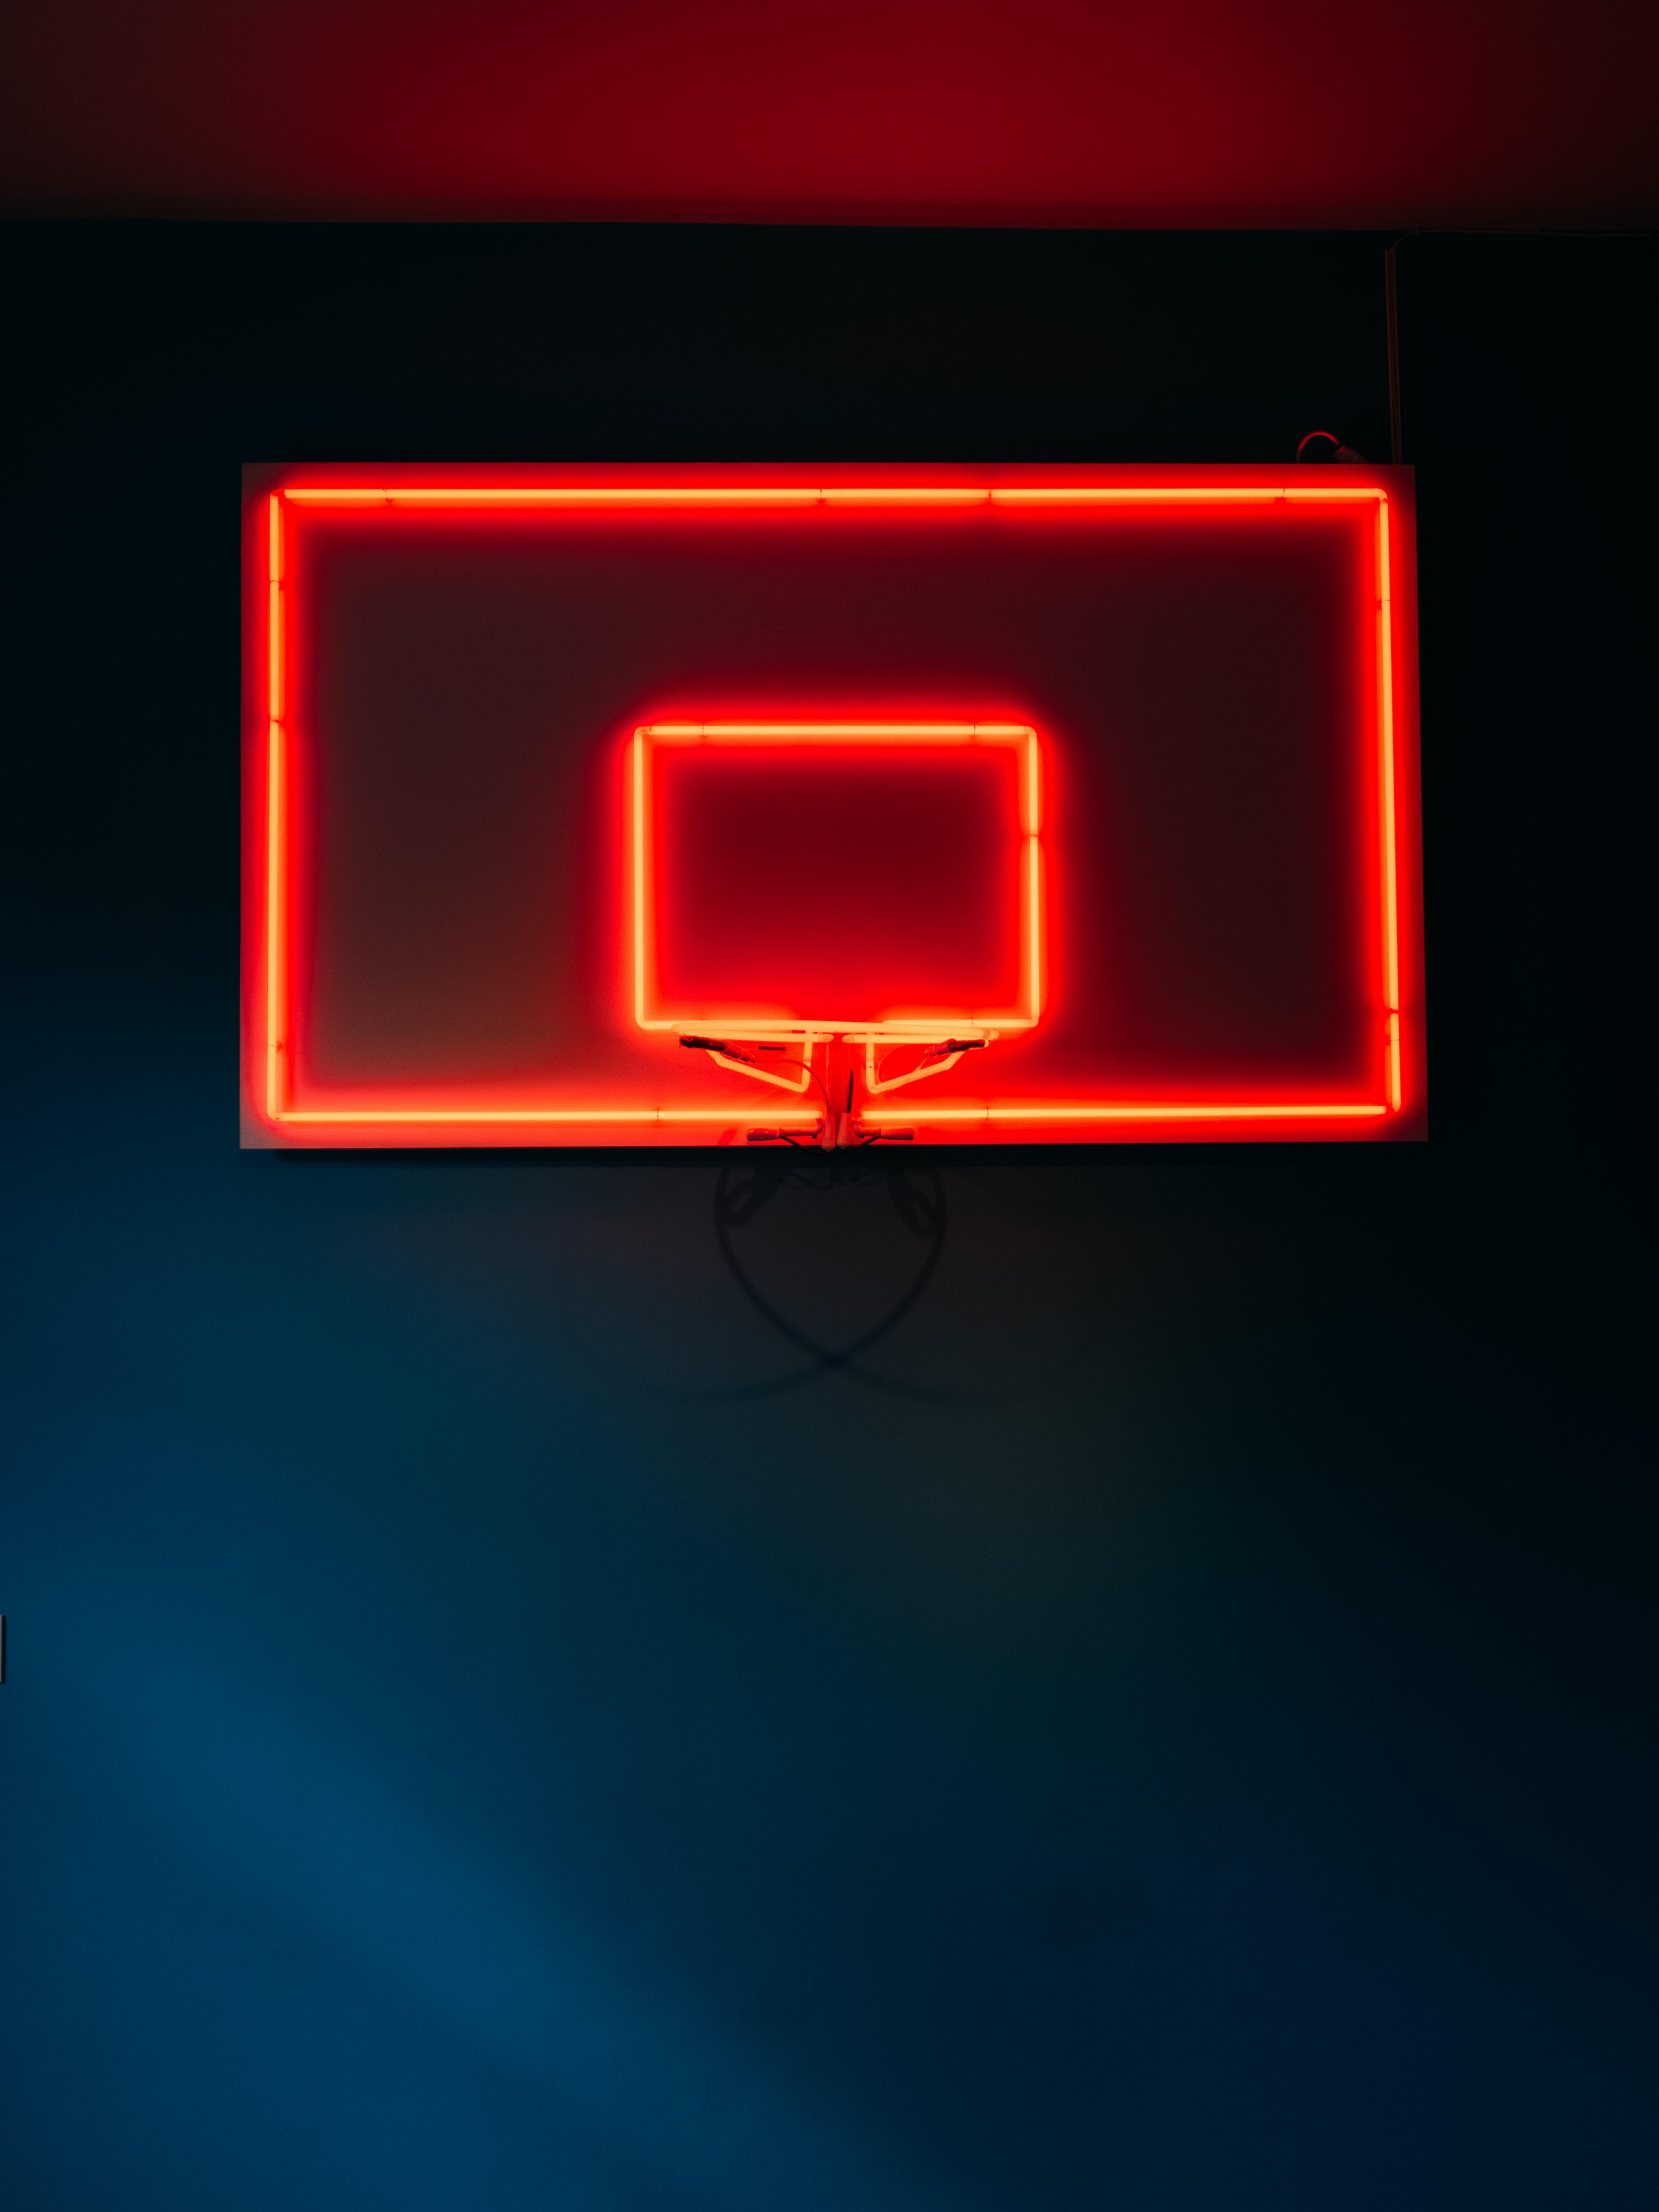 144802 скачать обои Спорт, Баскетбольное Кольцо, Баскетбол, Неон, Свет, Красный - заставки и картинки бесплатно